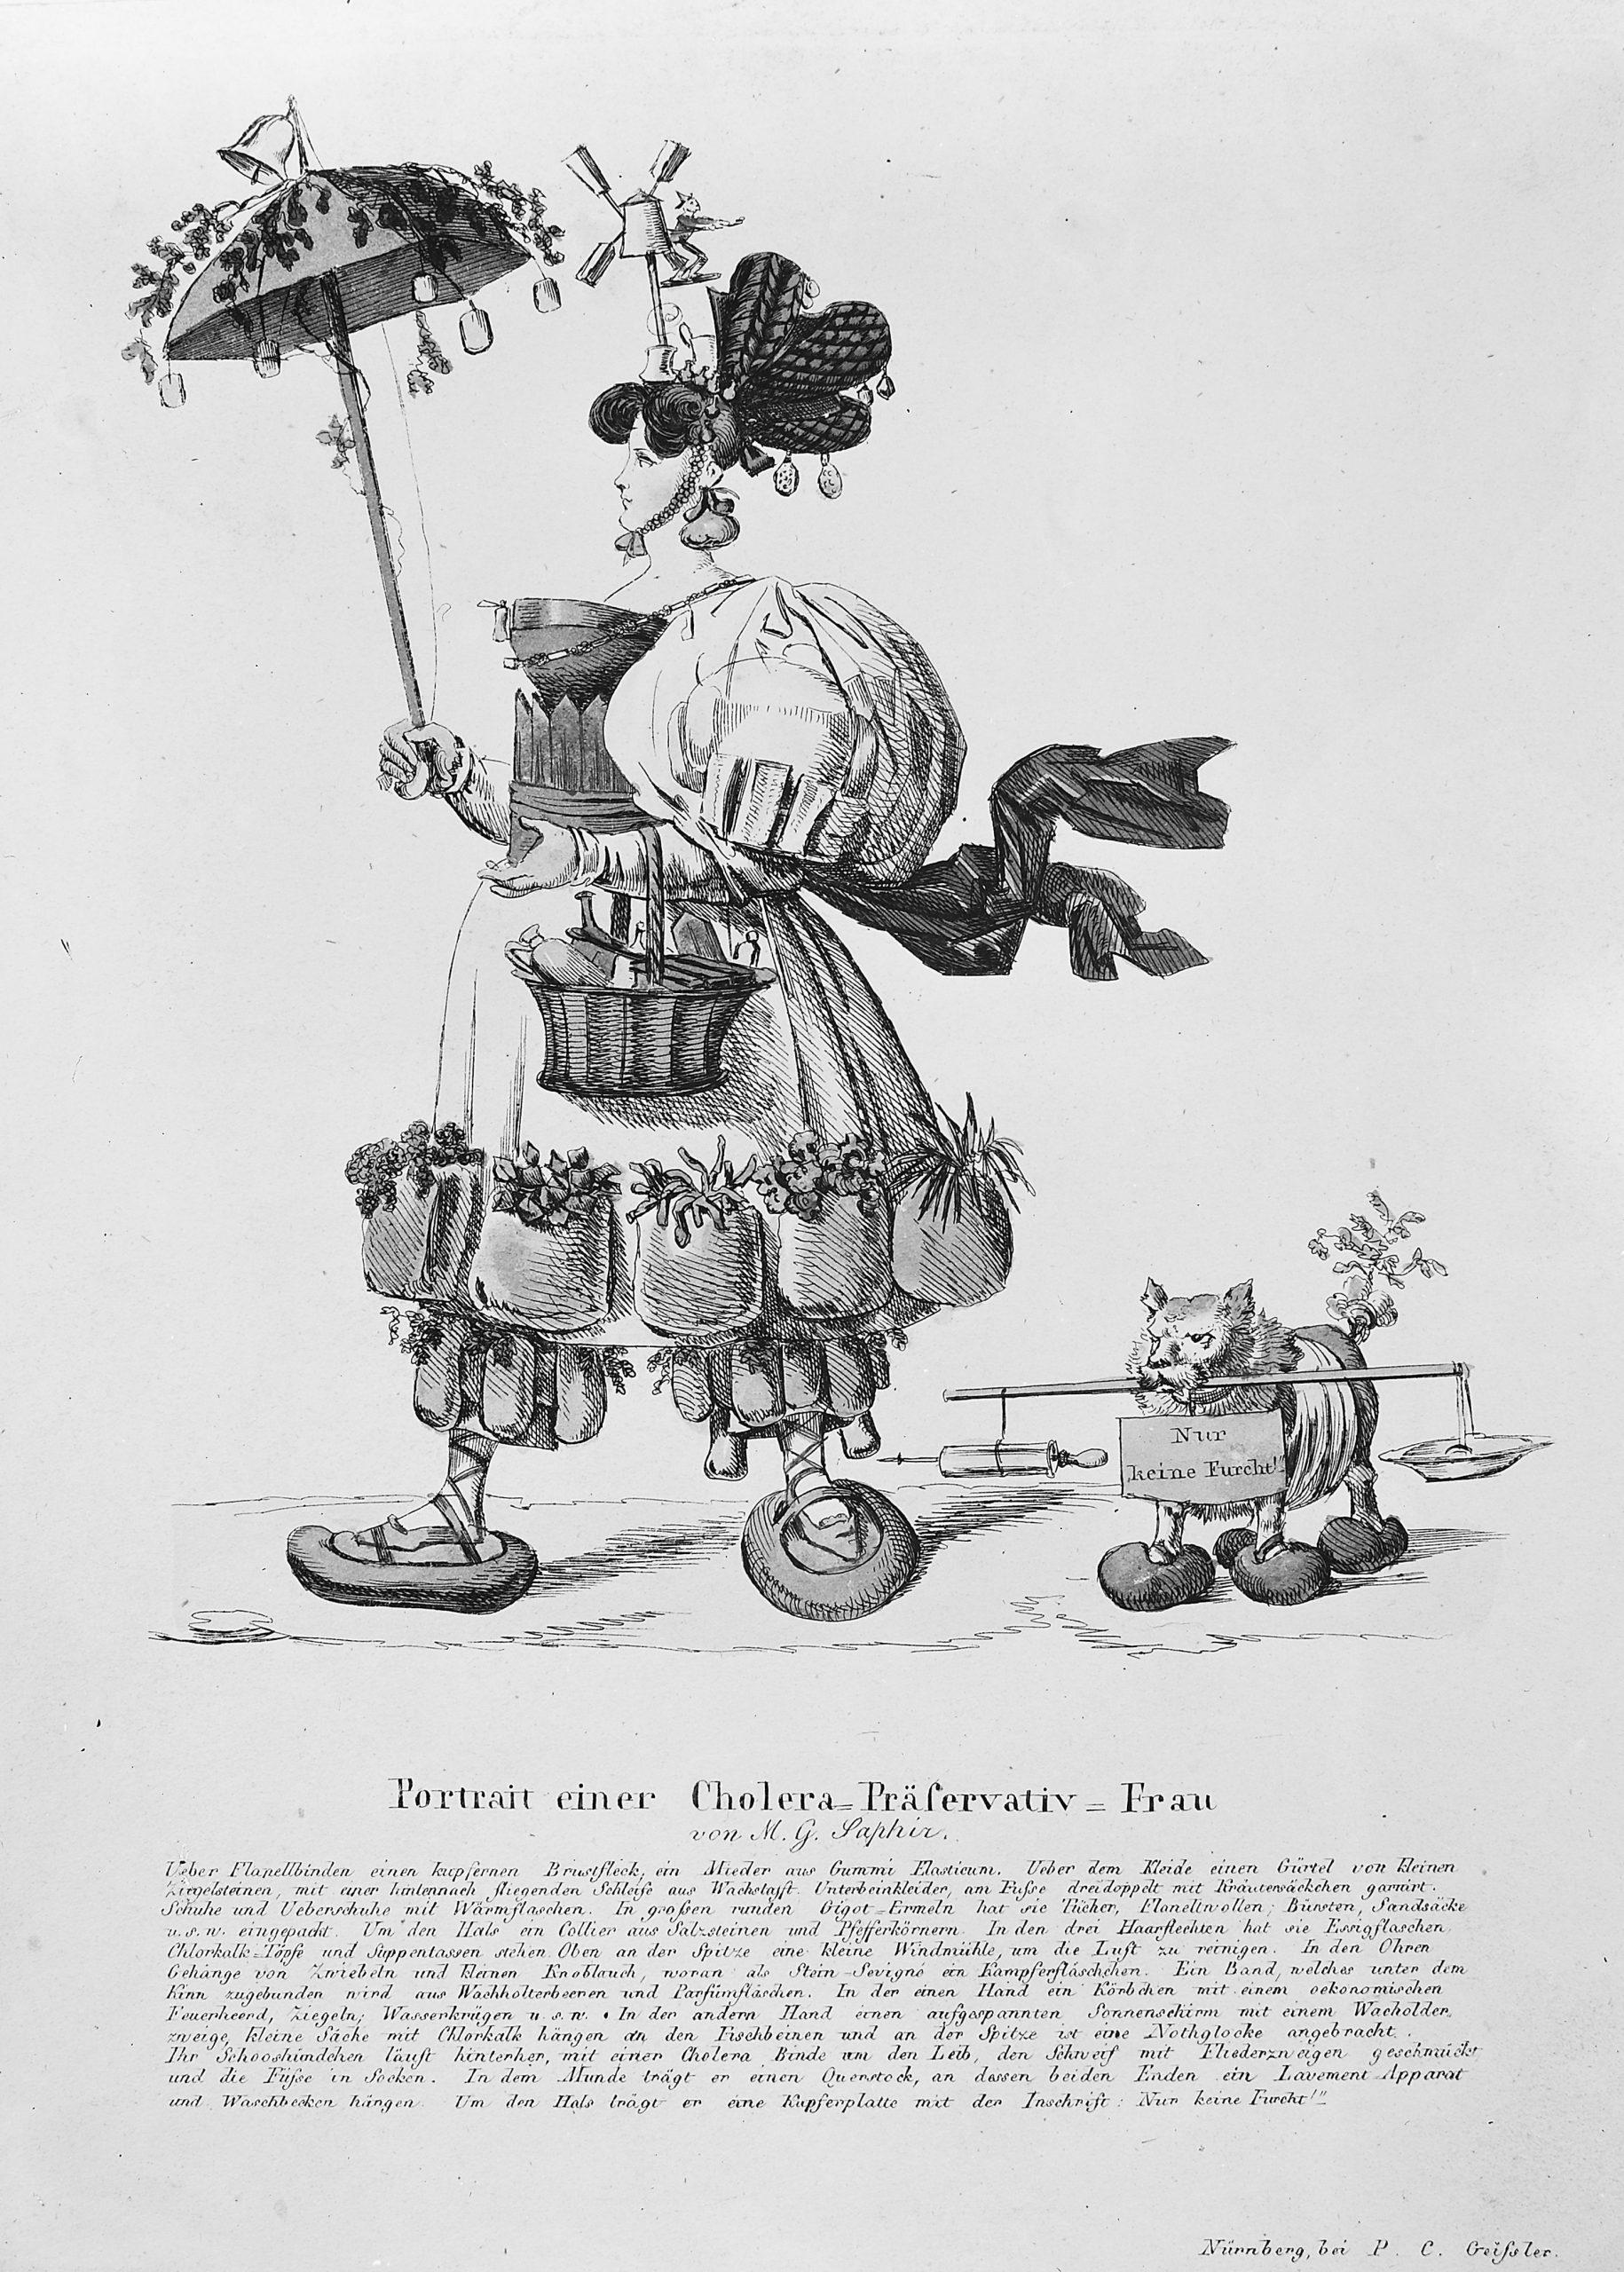 Cholera: A Panoply of Useless Remedies